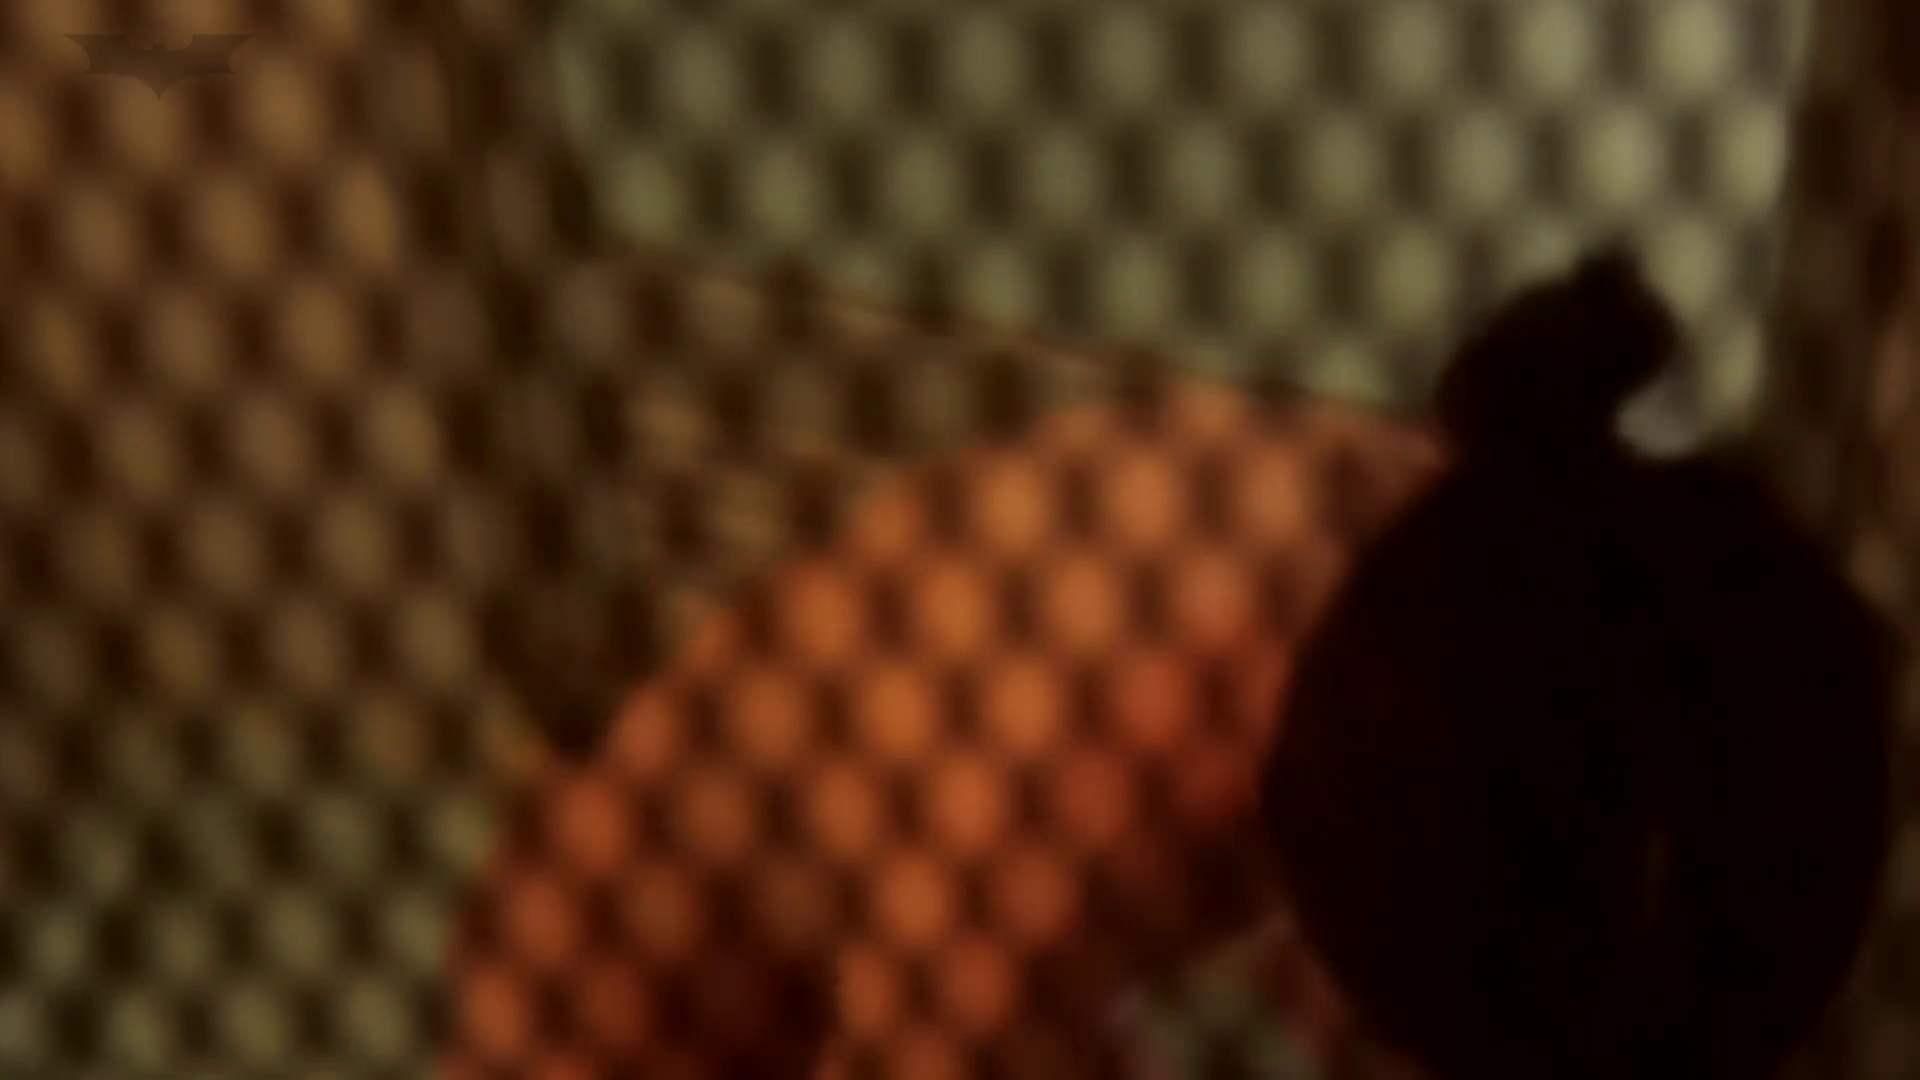 *華の女子寮ノゾキ* vol.04 陸上系?就活中のお女市さんJD 女子寮 すけべAV動画紹介 74pic 23